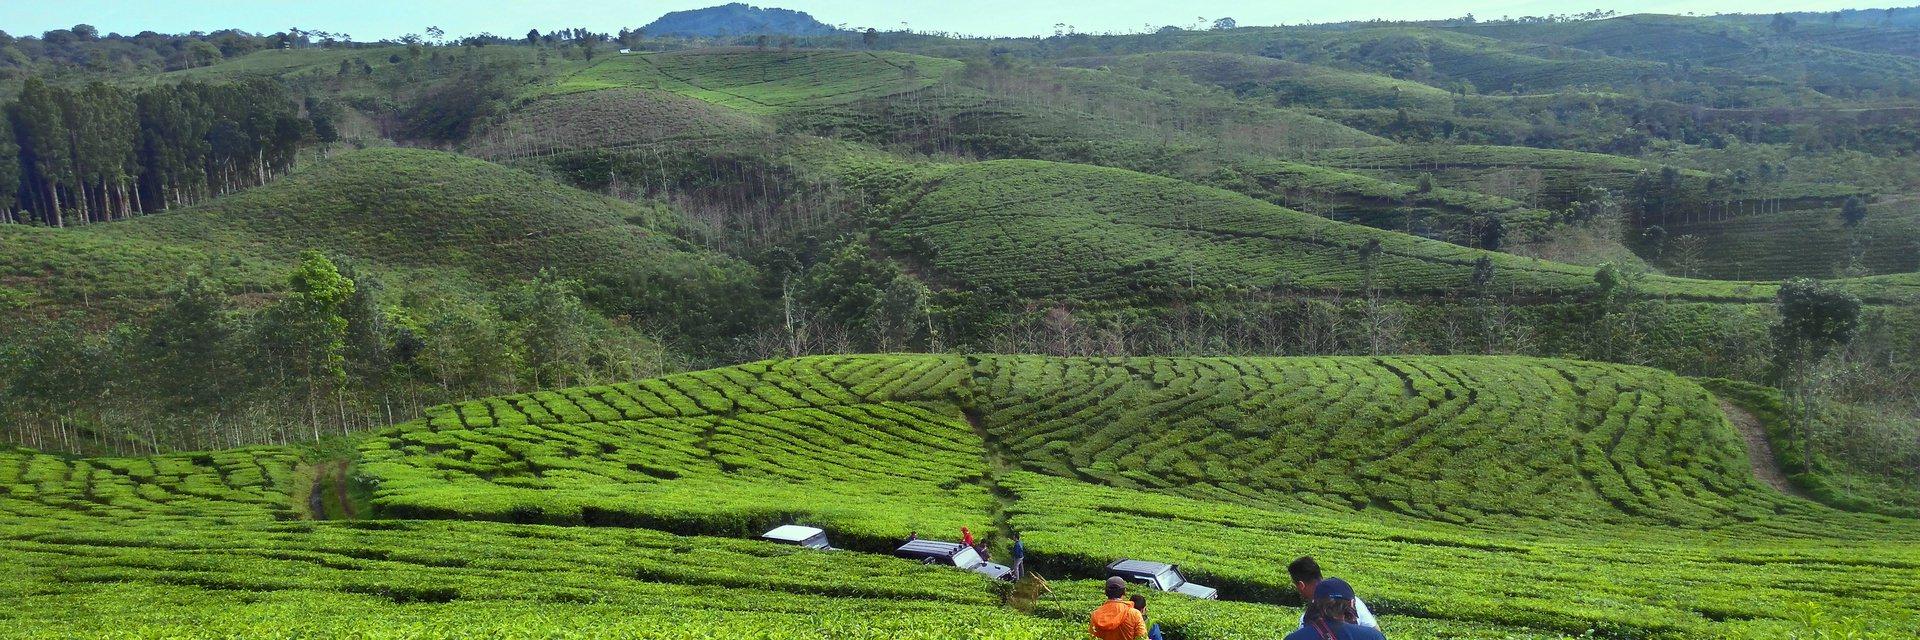 4 Wisata Kebun Teh Paling Hits di Jawa Timur 4 Wisata Kebun Teh Paling Hits di Jawa Timur - Dolan Dolen